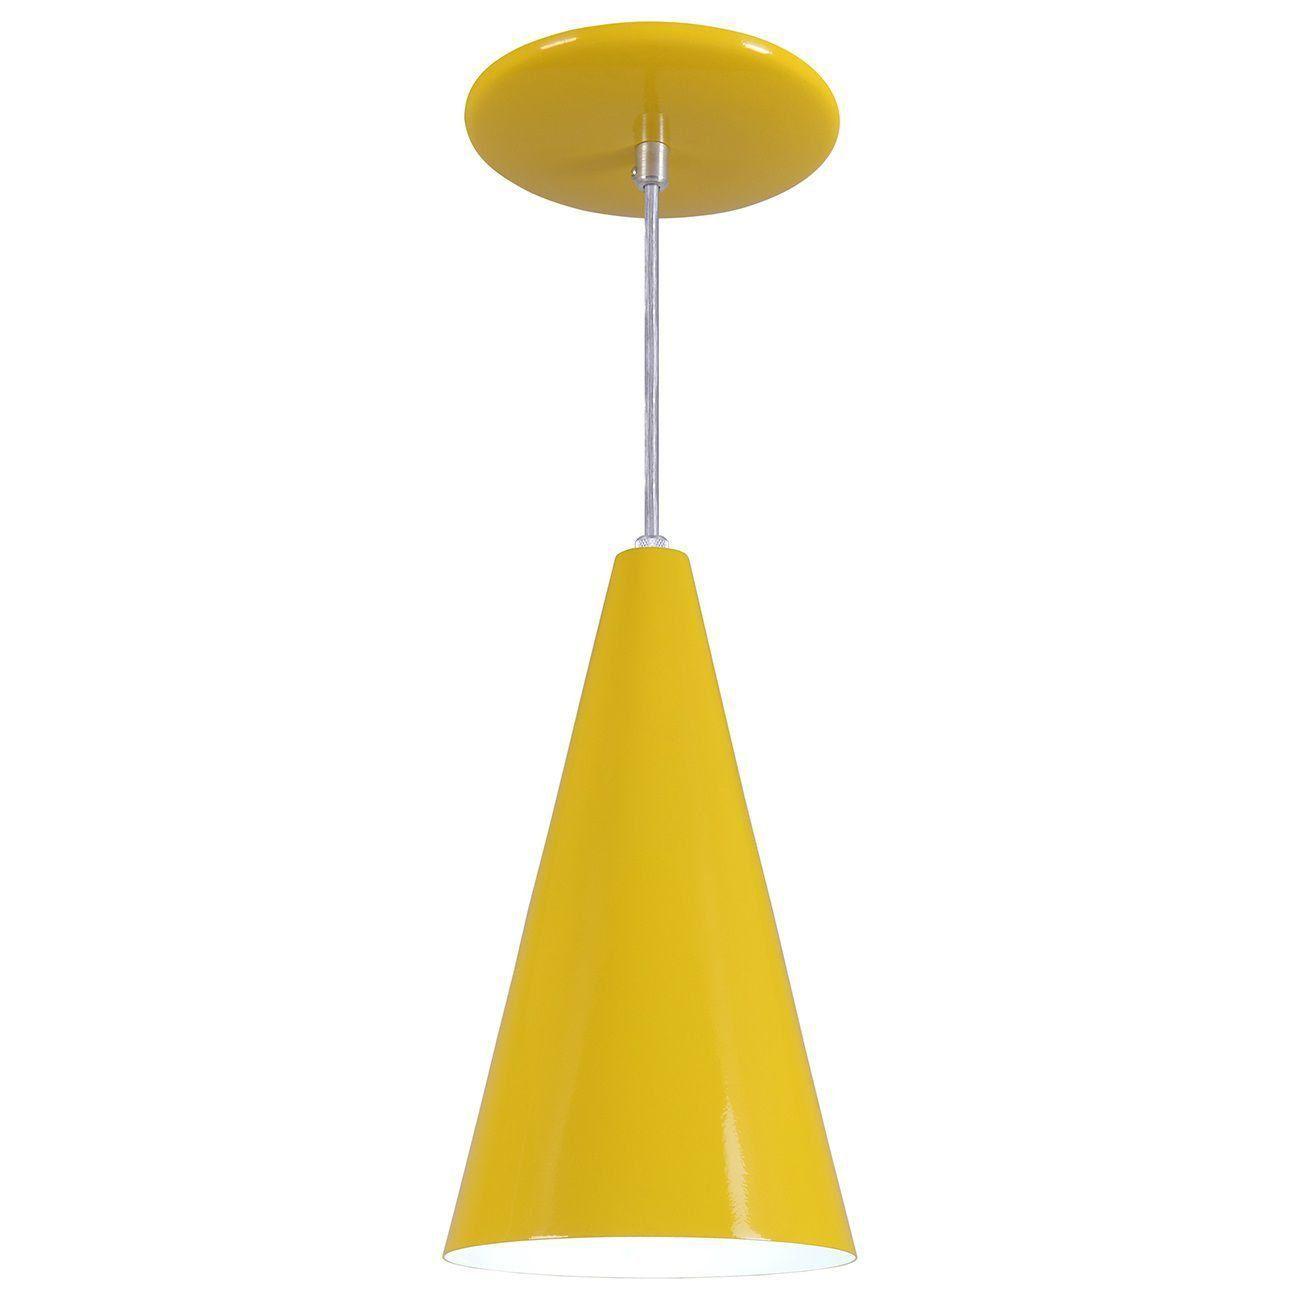 Pendente Cone Luminária Lustre Alumínio Amarelo - Rei Da Iluminação